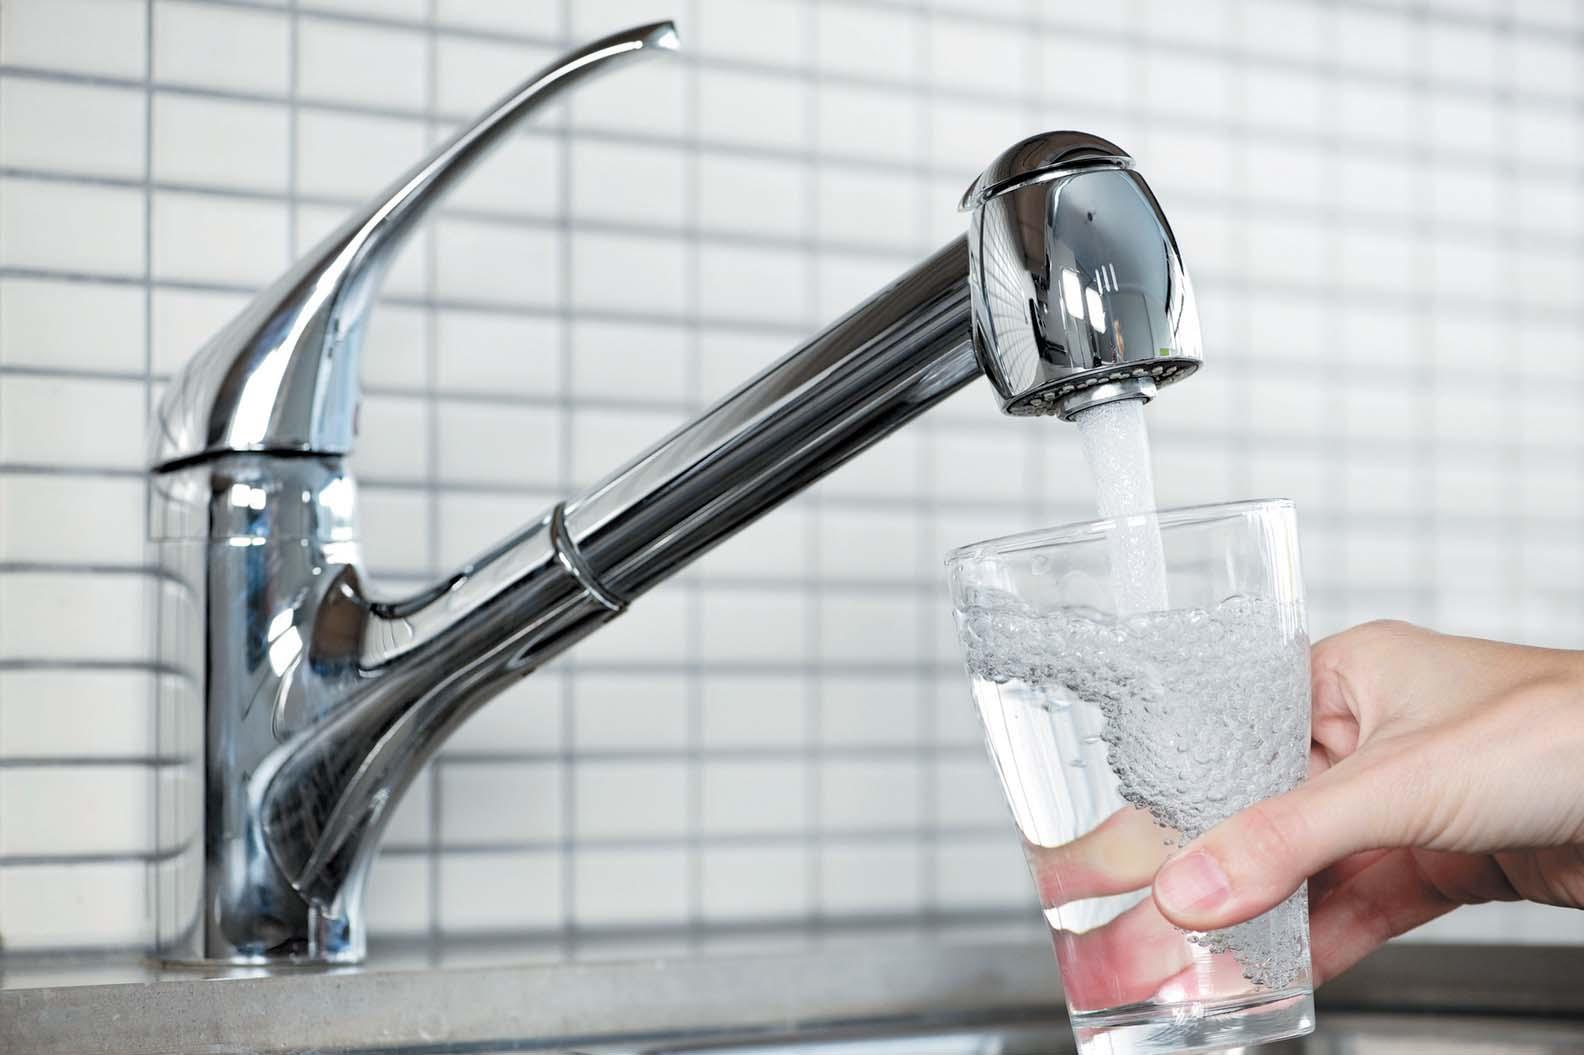 В Горловке возможно загрязнение питьевой воды - горсовет